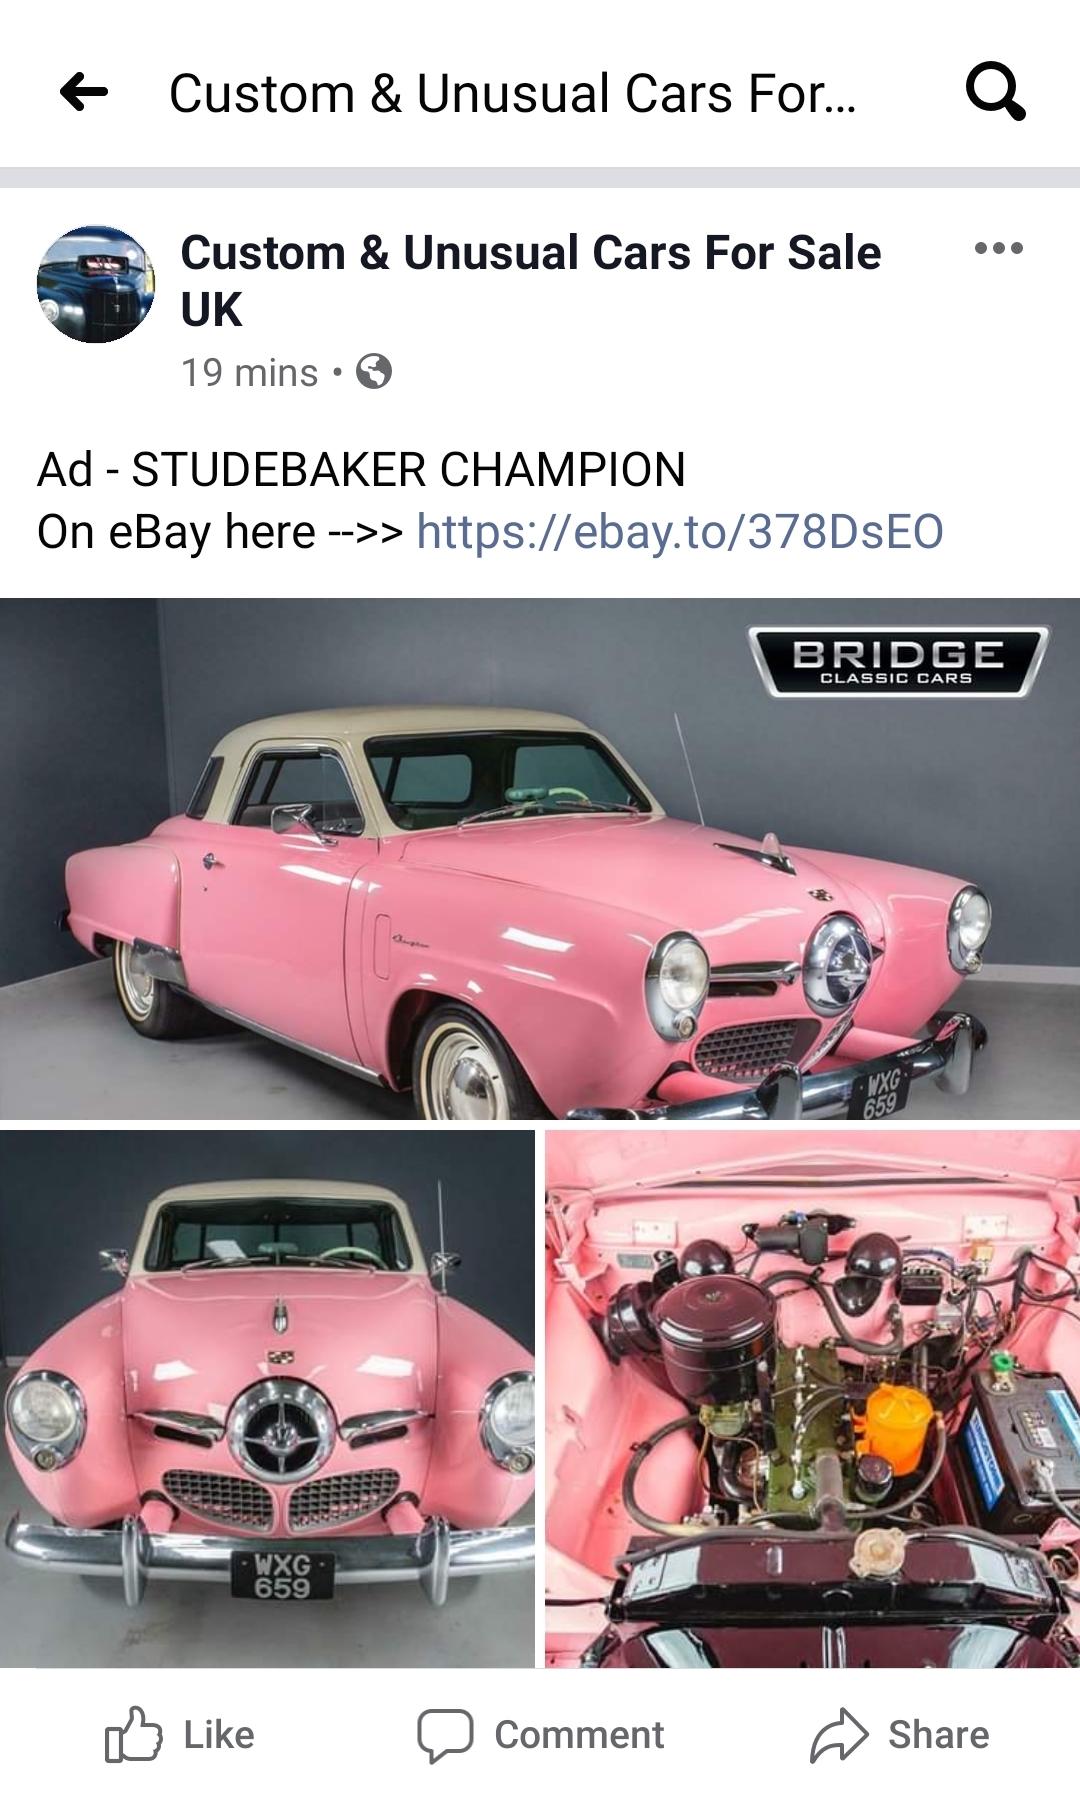 Custom Unusual Cars For Sale January 2020 Bridge Classic Cars Bridge Classic Cars